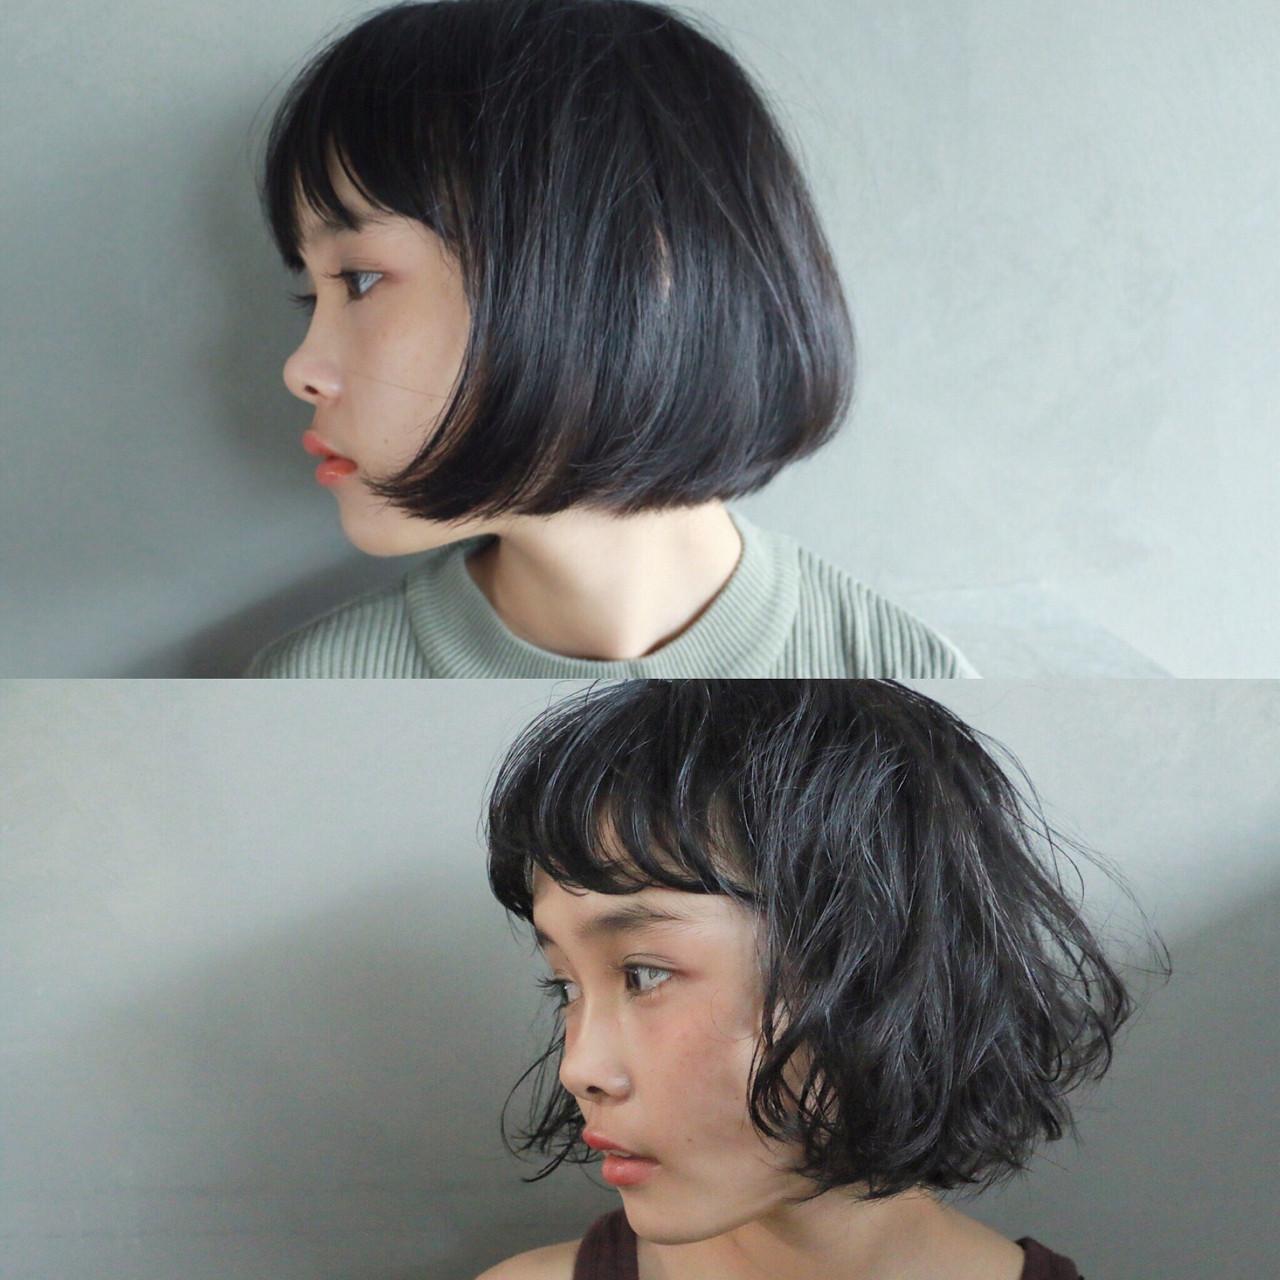 ナチュラル ゆるふわ 暗髪 グレー ヘアスタイルや髪型の写真・画像